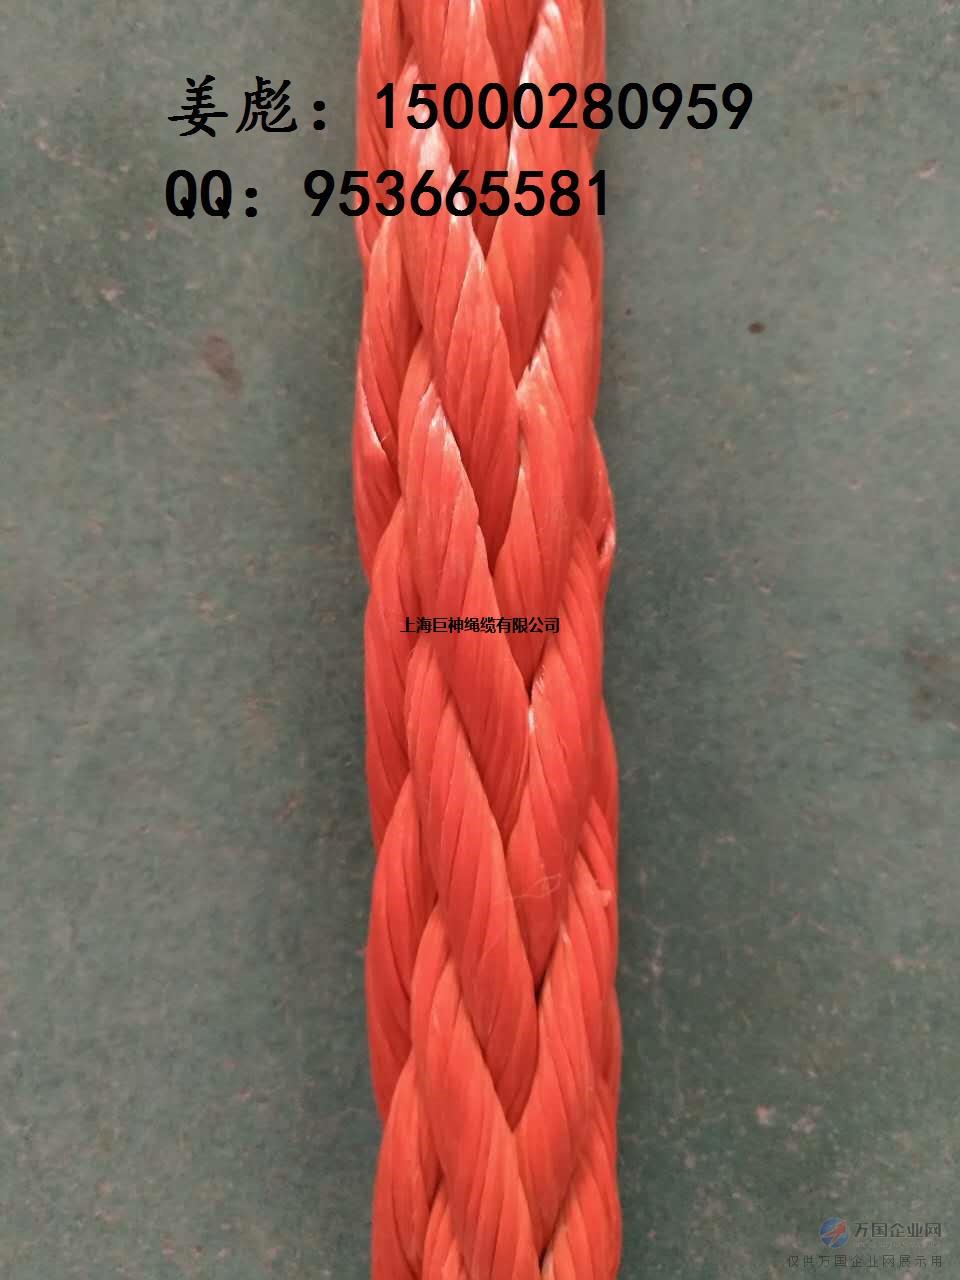 供应超高分子缆绳,超高分子聚乙烯缆绳